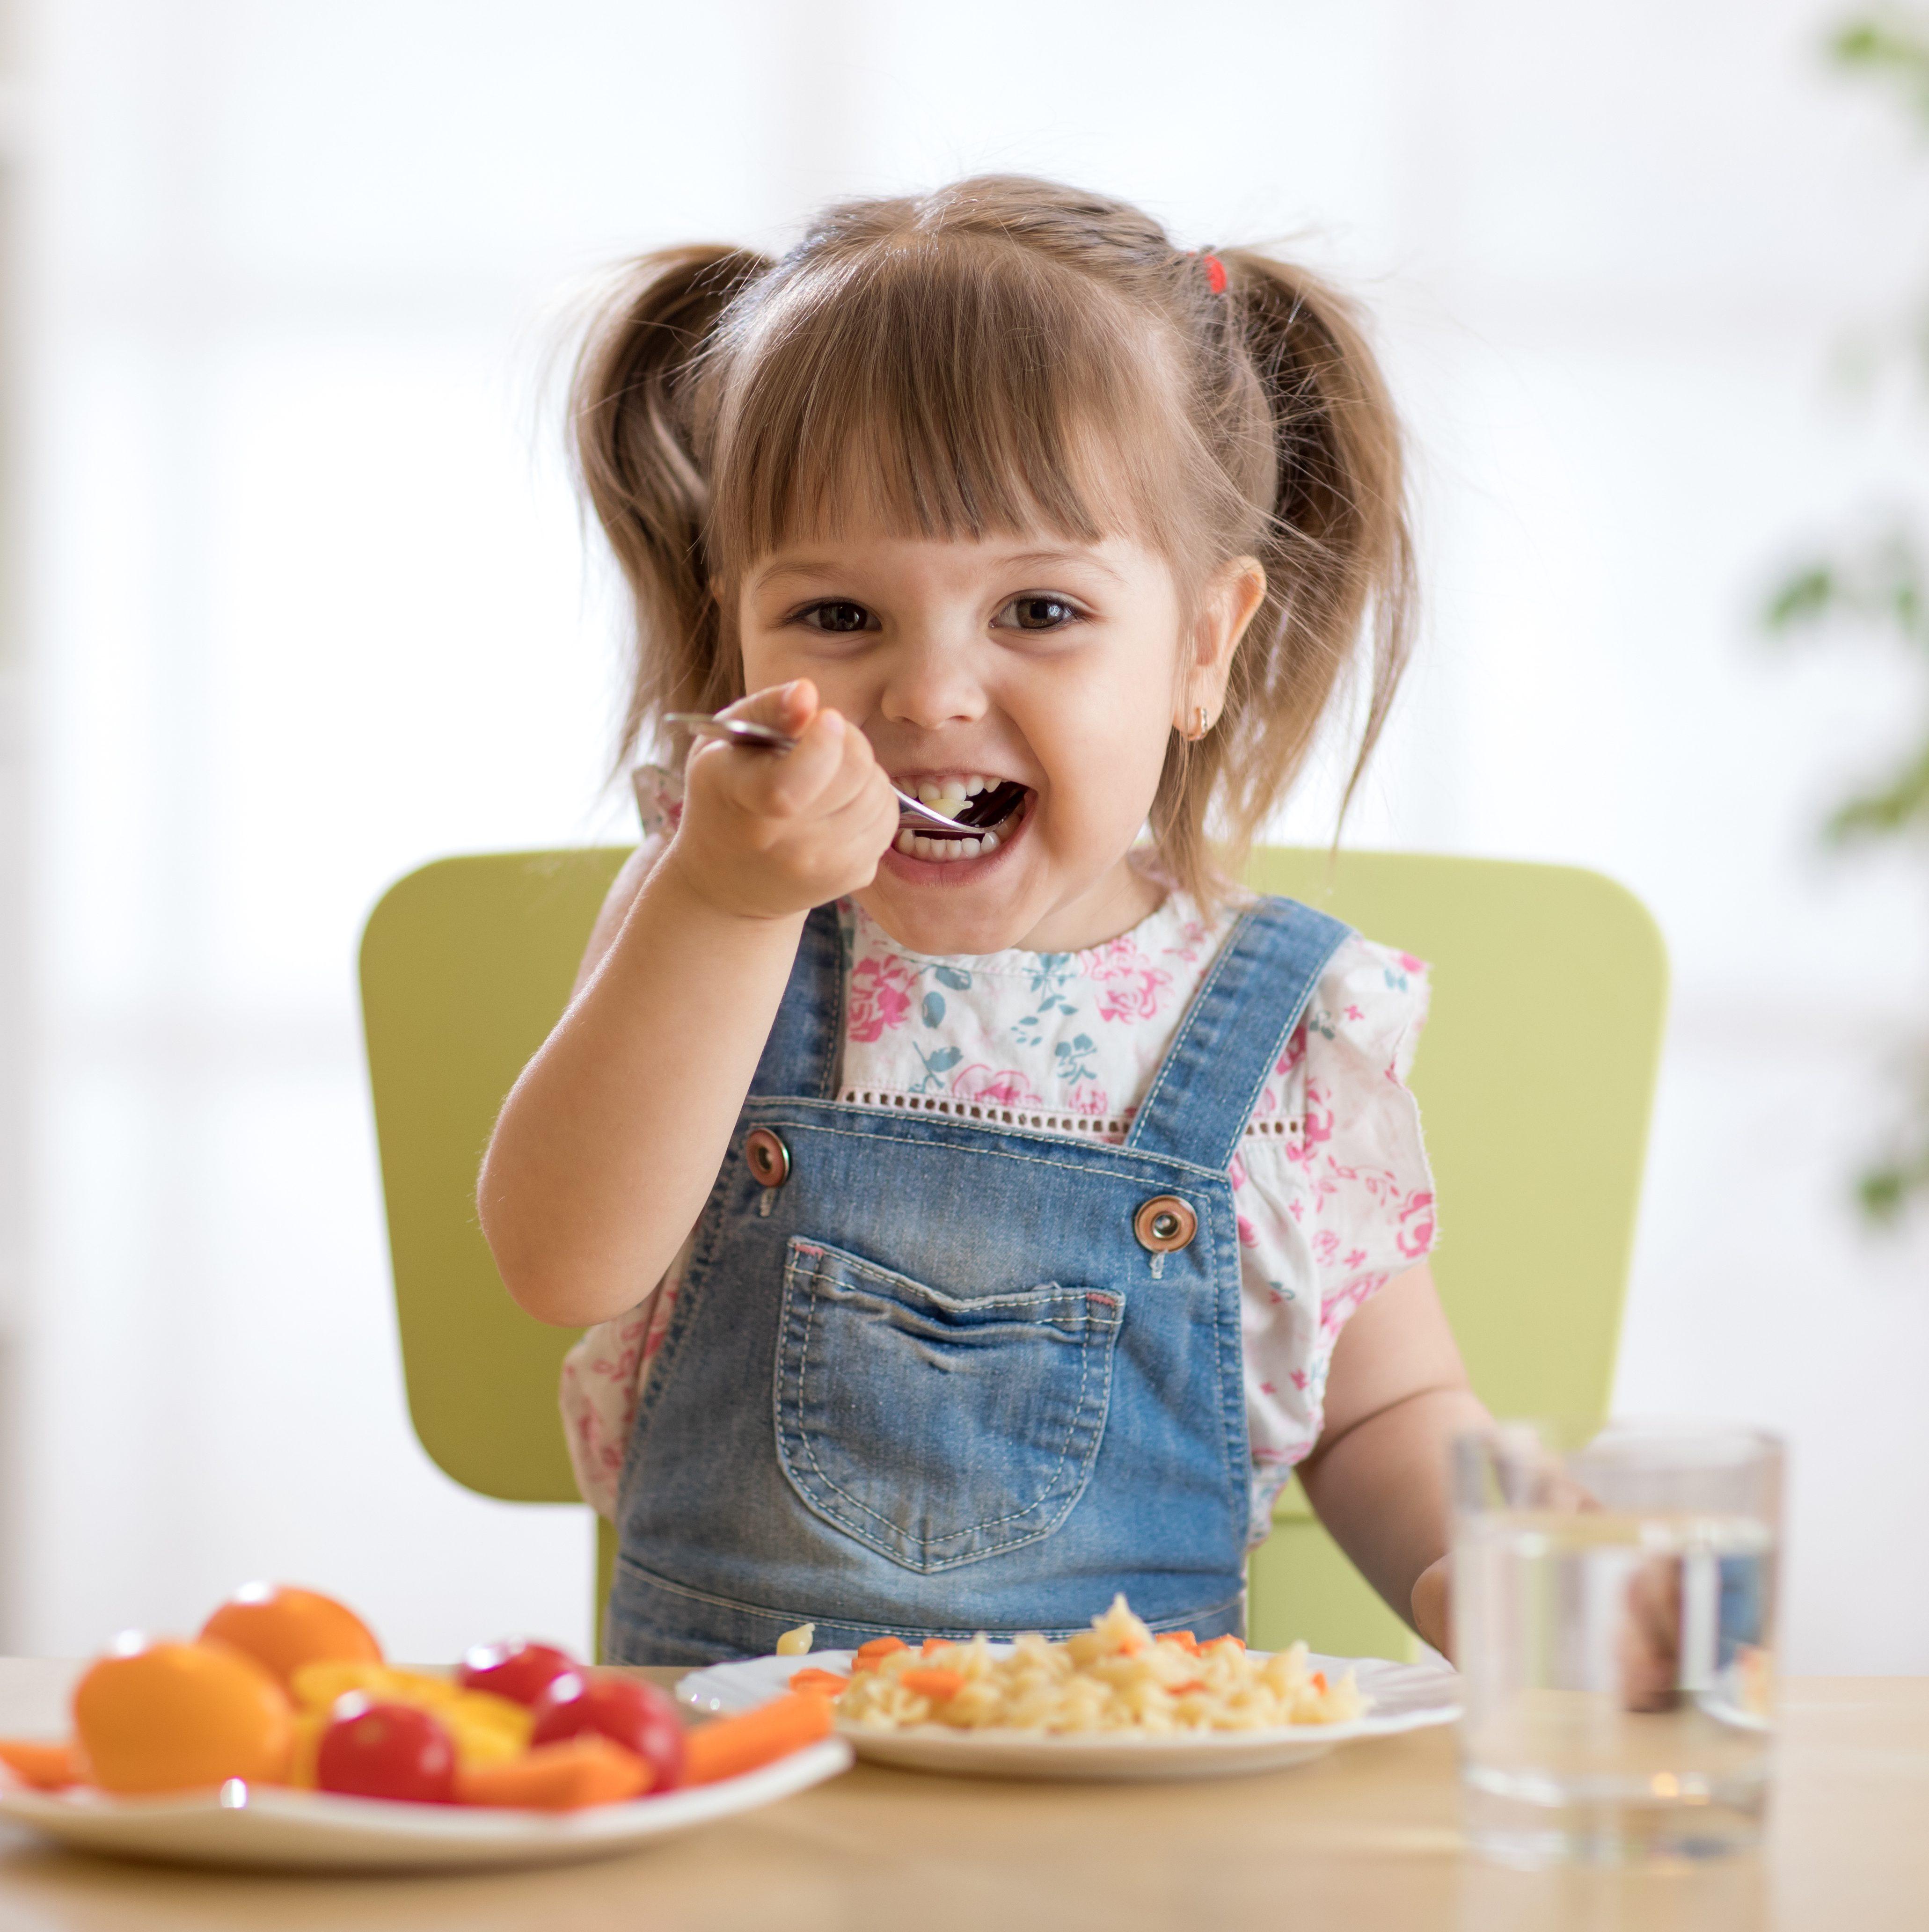 little girl eating healthy food in kindergarten